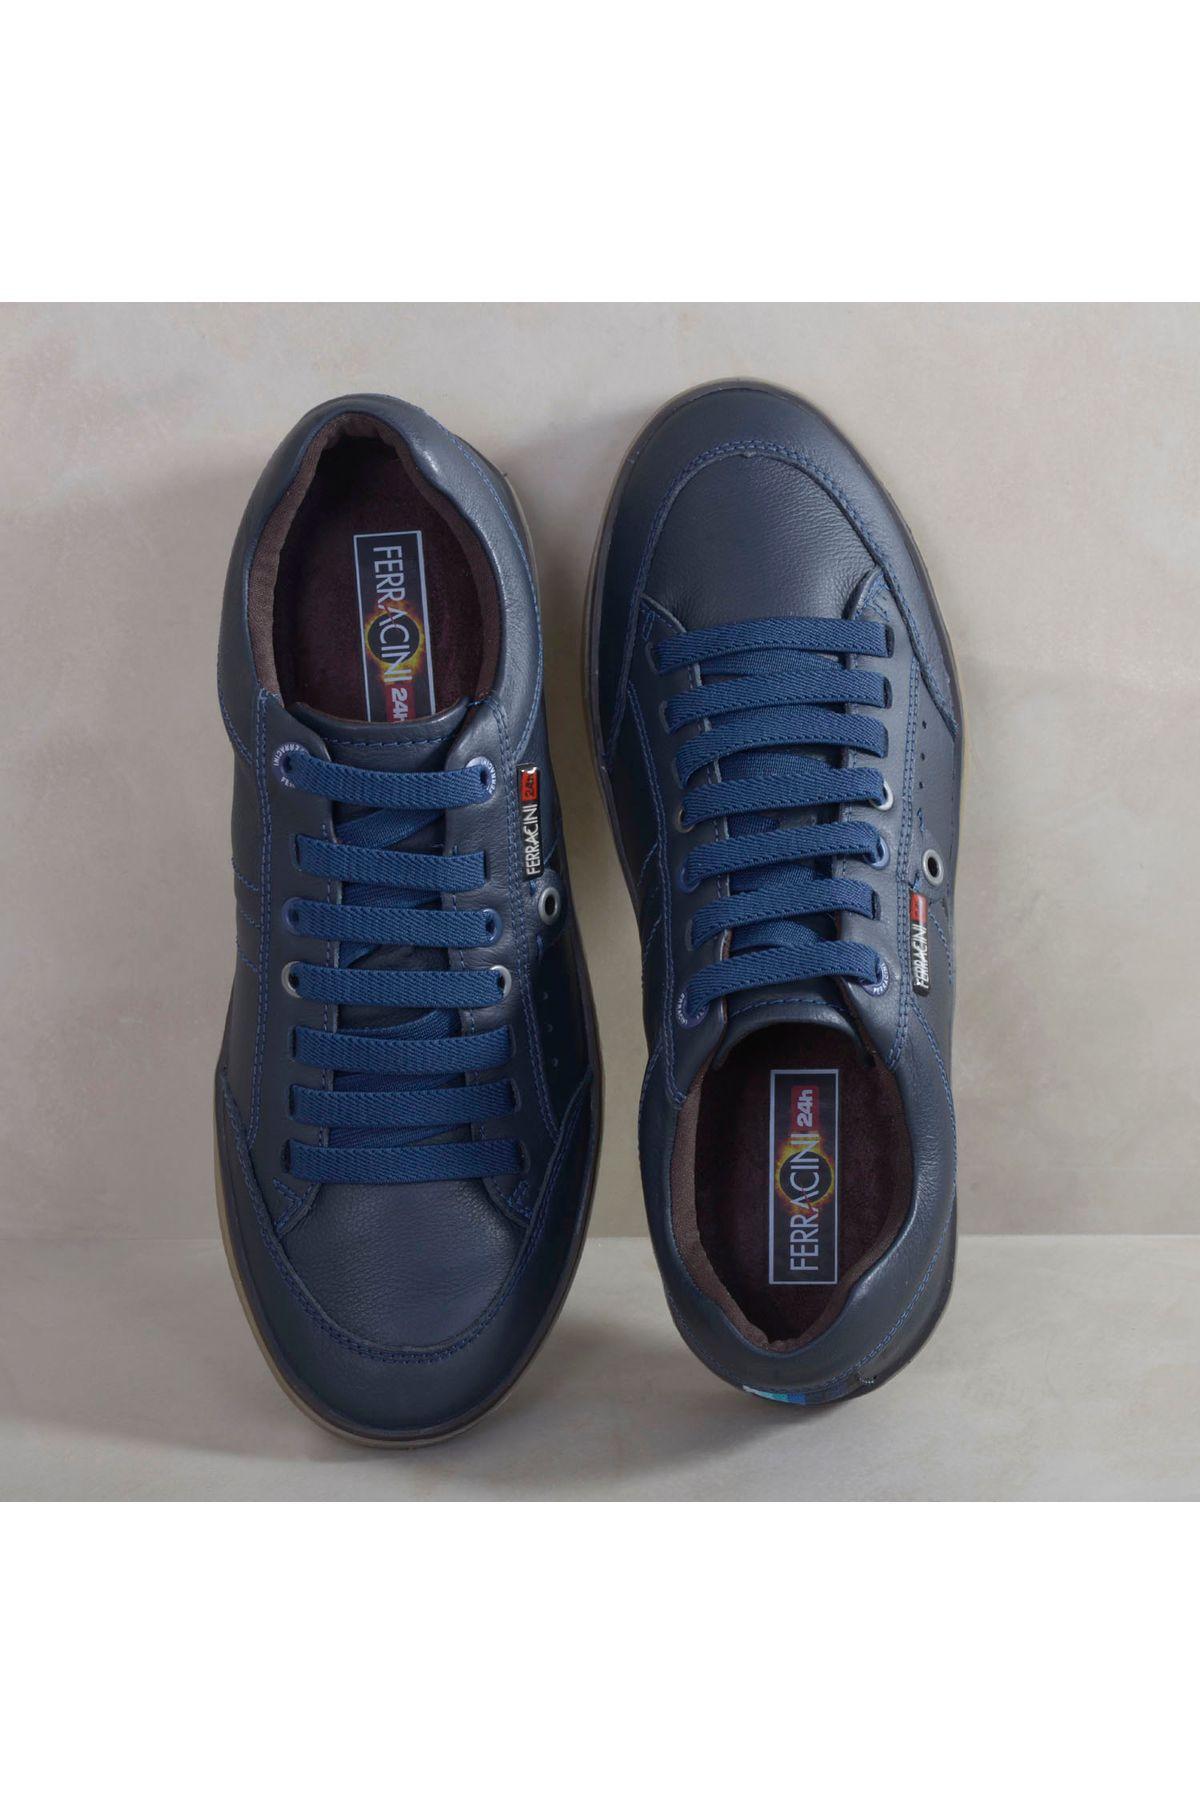 b7db49e84e Sapatênis Ferracini Lunar | Mundial Calçados - Mundial Calçados